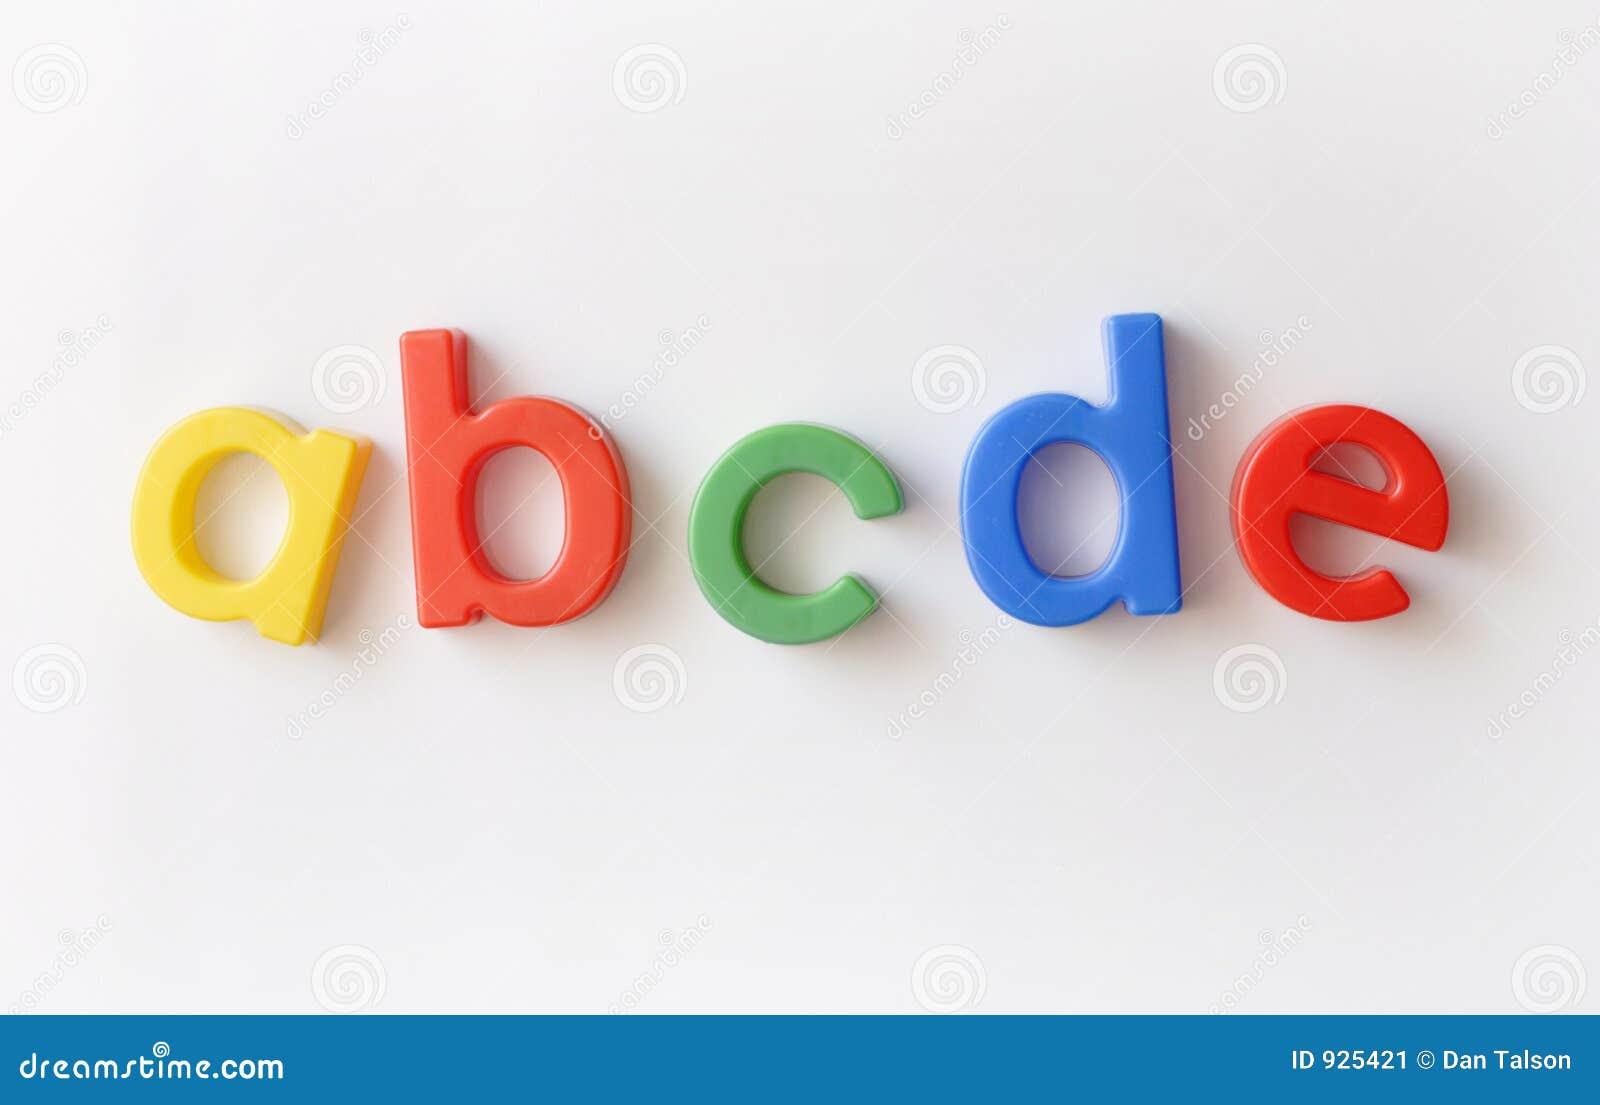 Bezeichnen Sie Kühlraummagneten mit Buchstaben